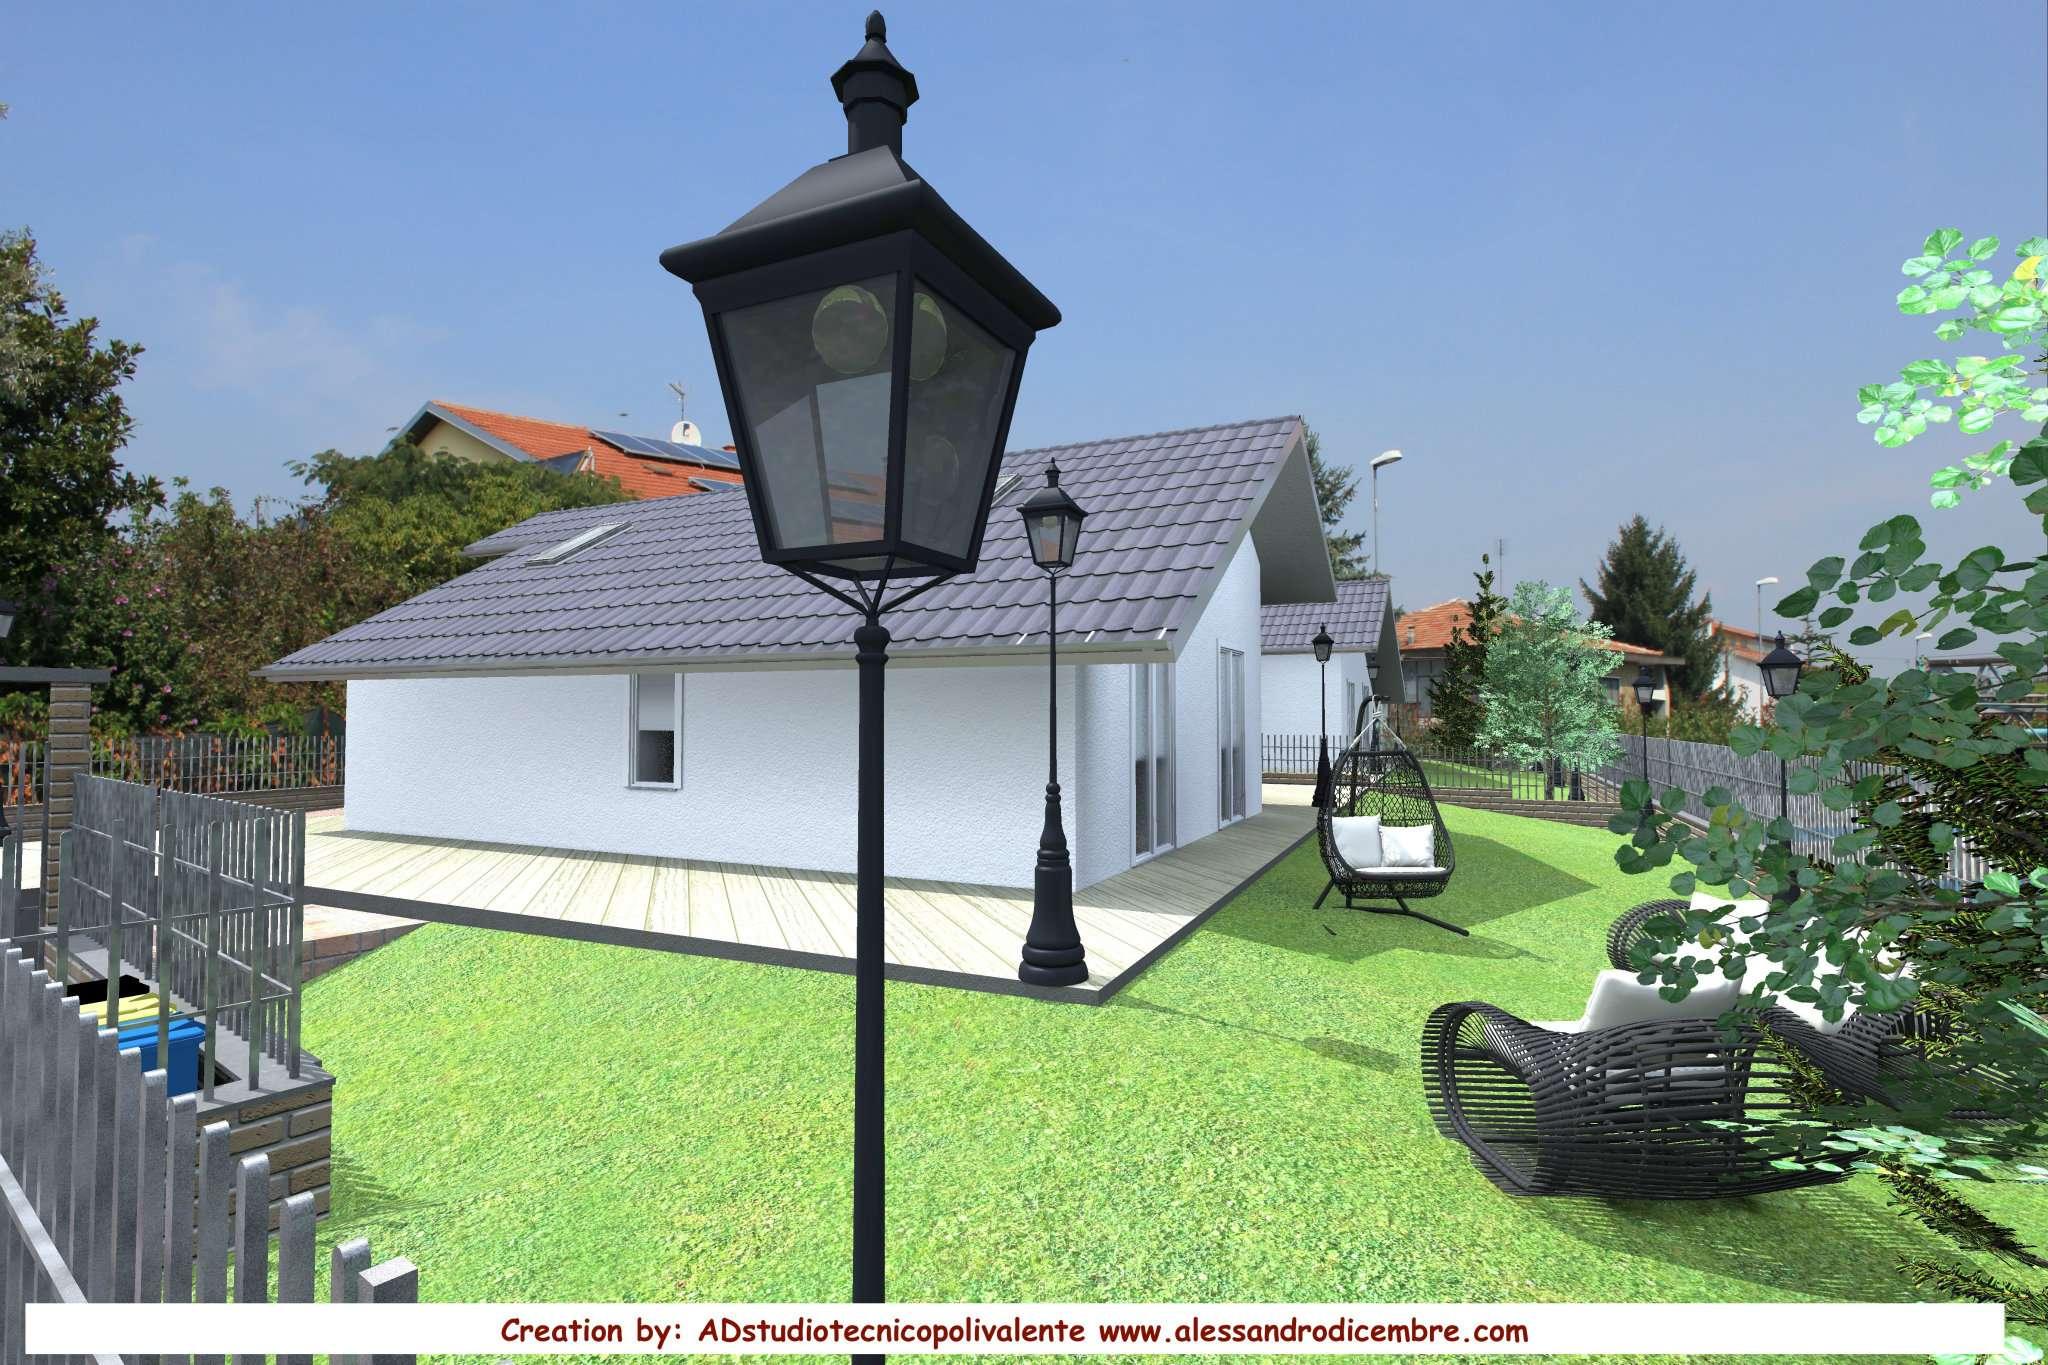 Villa a schiera quadrilocale in vendita a Settimo Torinese (TO)